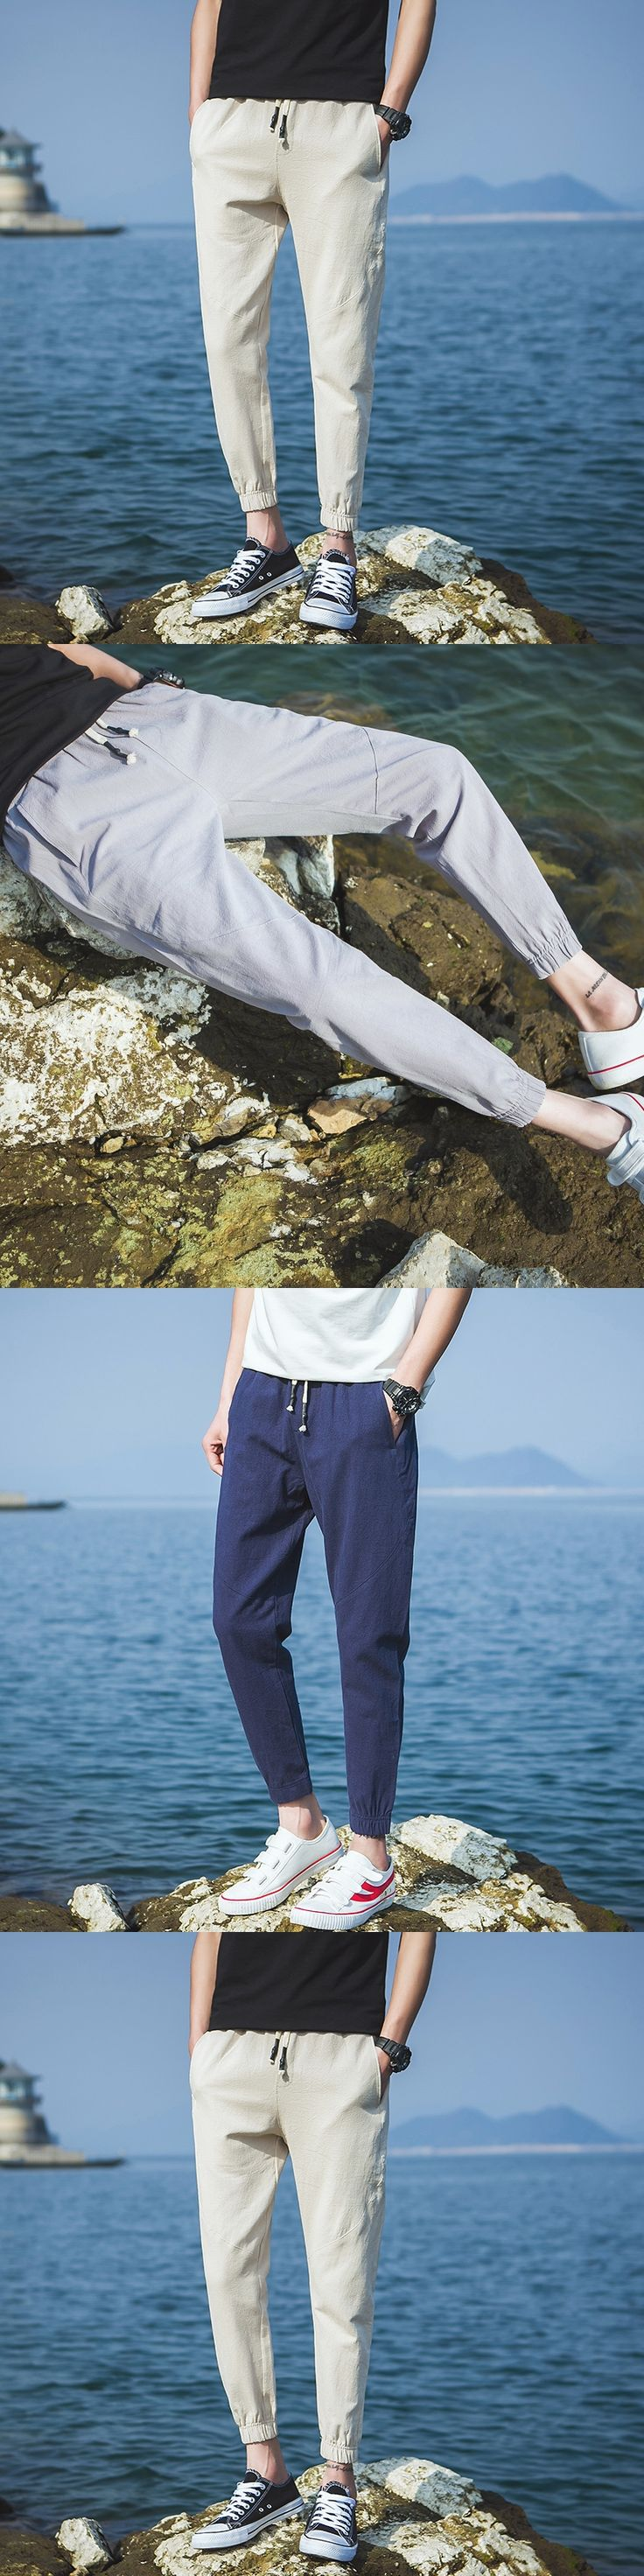 Linen pants men 2017 Mens Summer Cotton Casual Trousers Breathable Drawstring sweatpants men jogger pants pantalon hombre